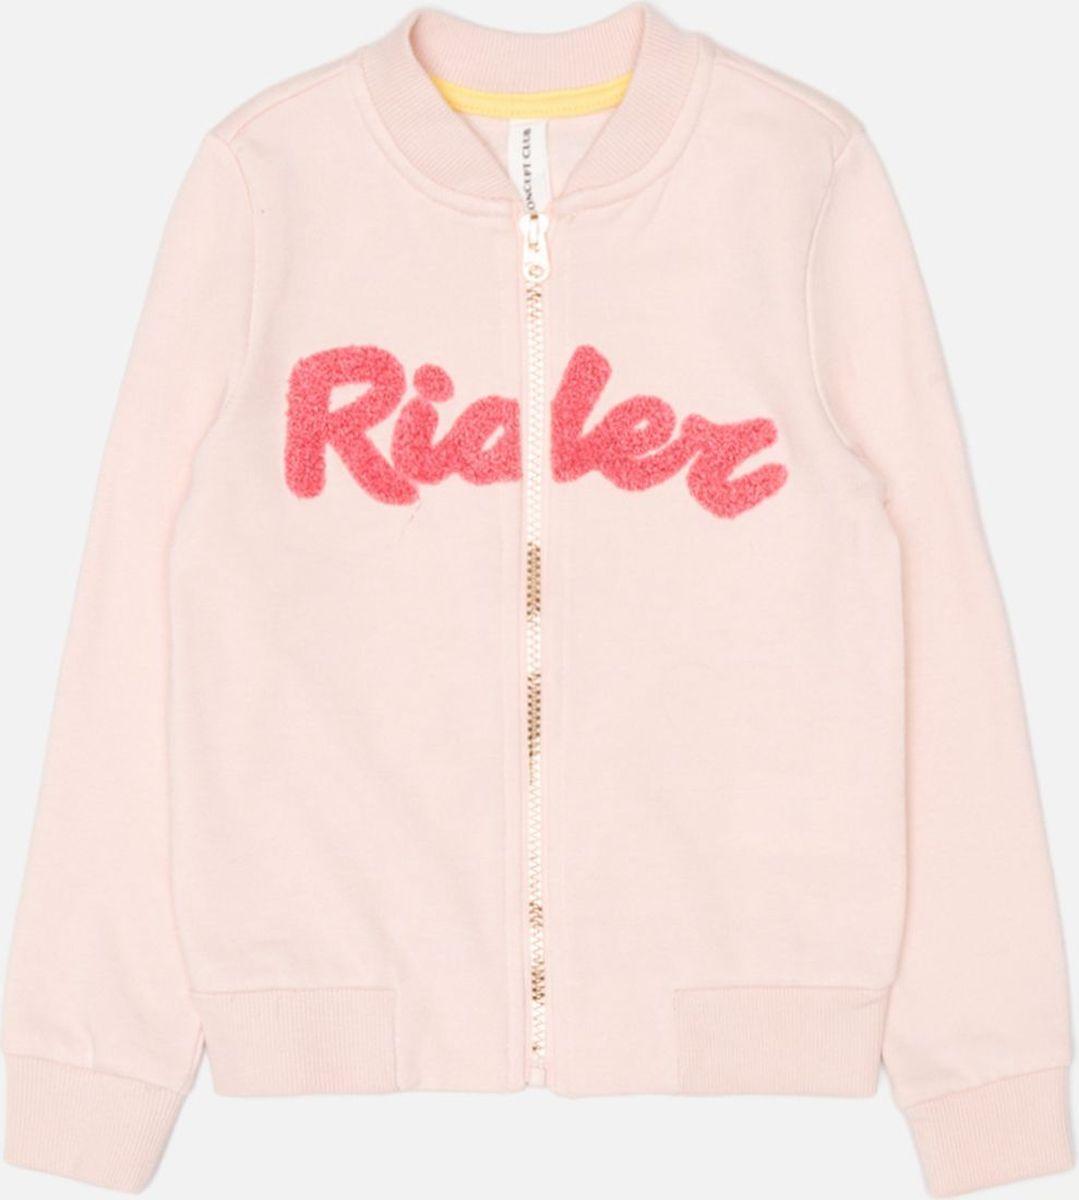 Жакет для девочки Concept Club Sotre, цвет: светло-розовый. 10210130058_3400. Размер 15810210130058_3400